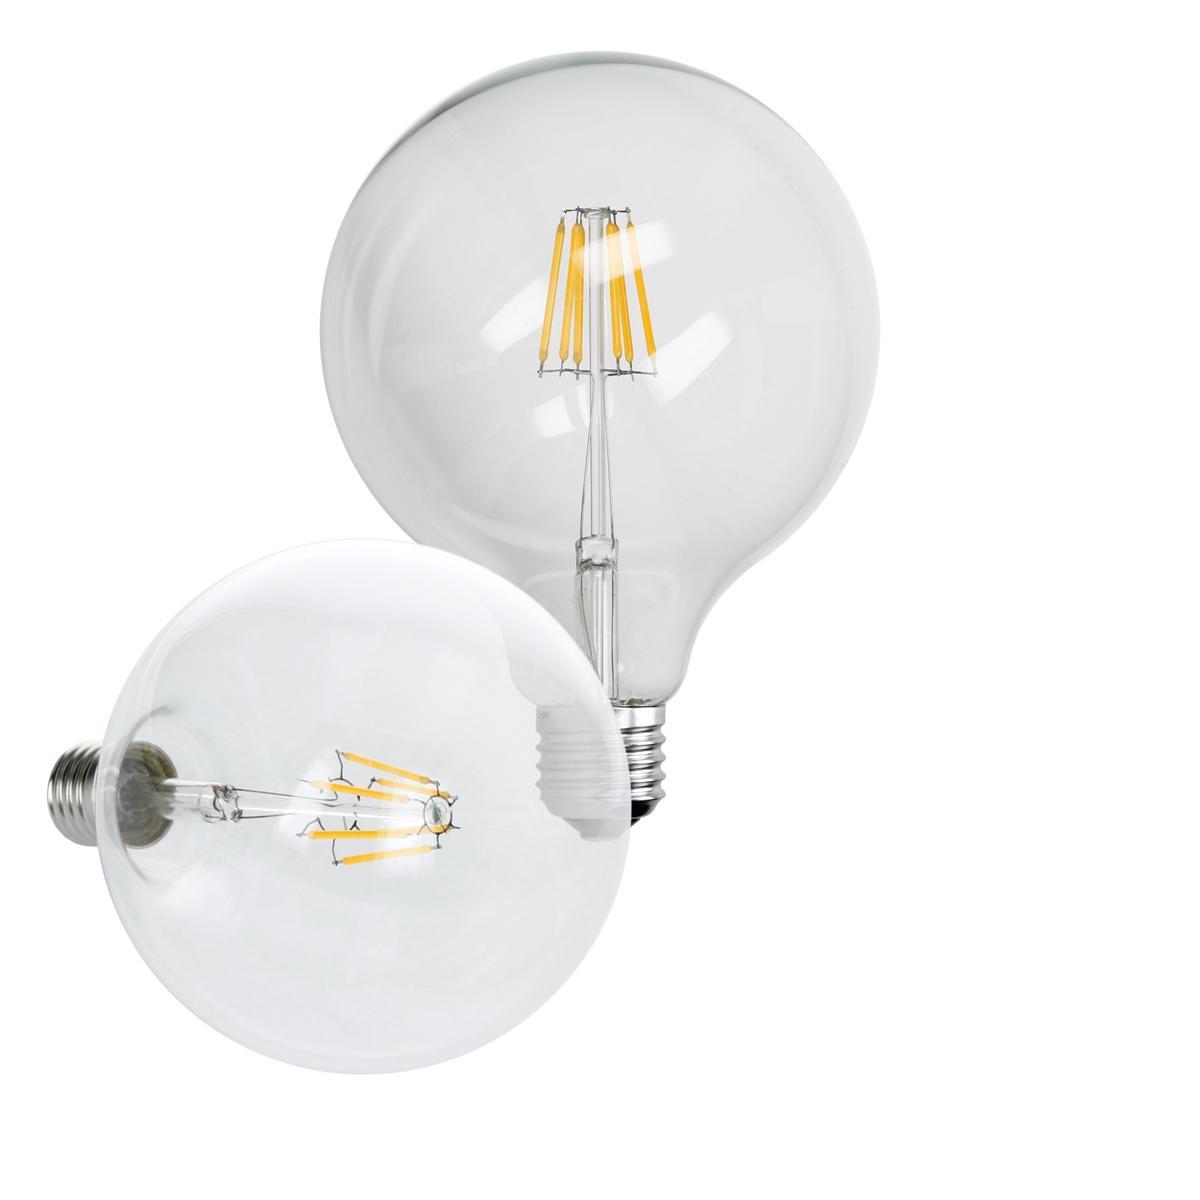 Ecd Germany ECD Germany 4 x LED Filament de l'ampoule E27 Edison 6W 125 mm 624 Lumen 120 ° Angle de courant alternatif 220-240 V res